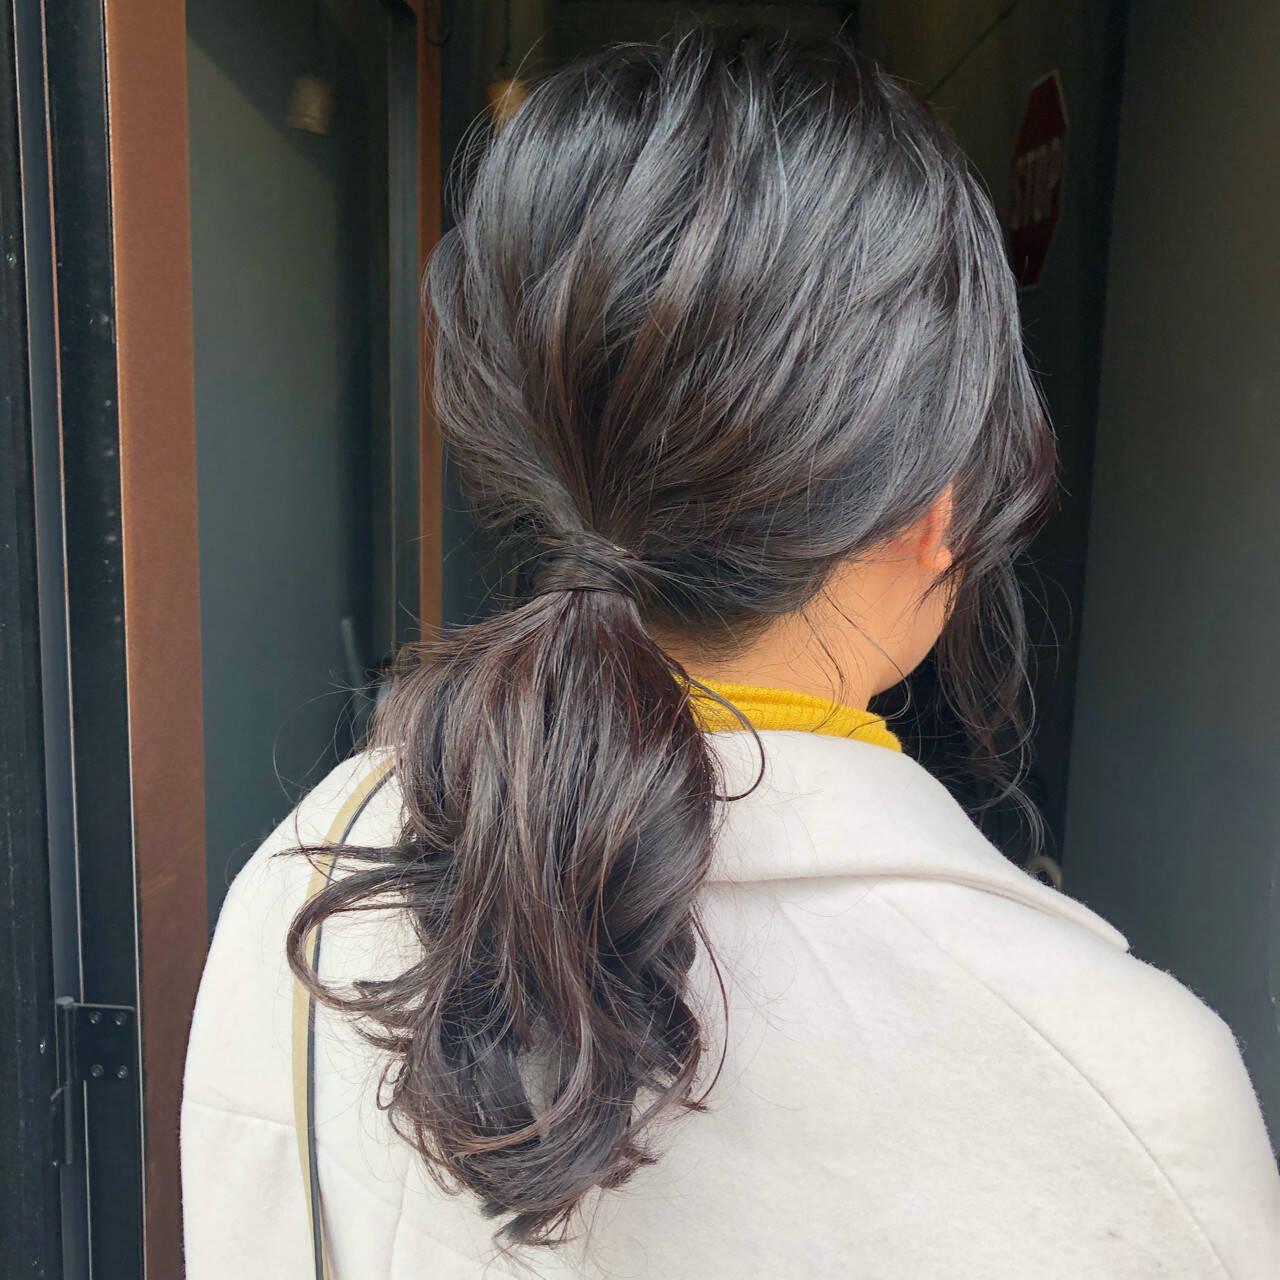 ヘアアレンジ ポニーテール ローポニーテール セミロングヘアスタイルや髪型の写真・画像